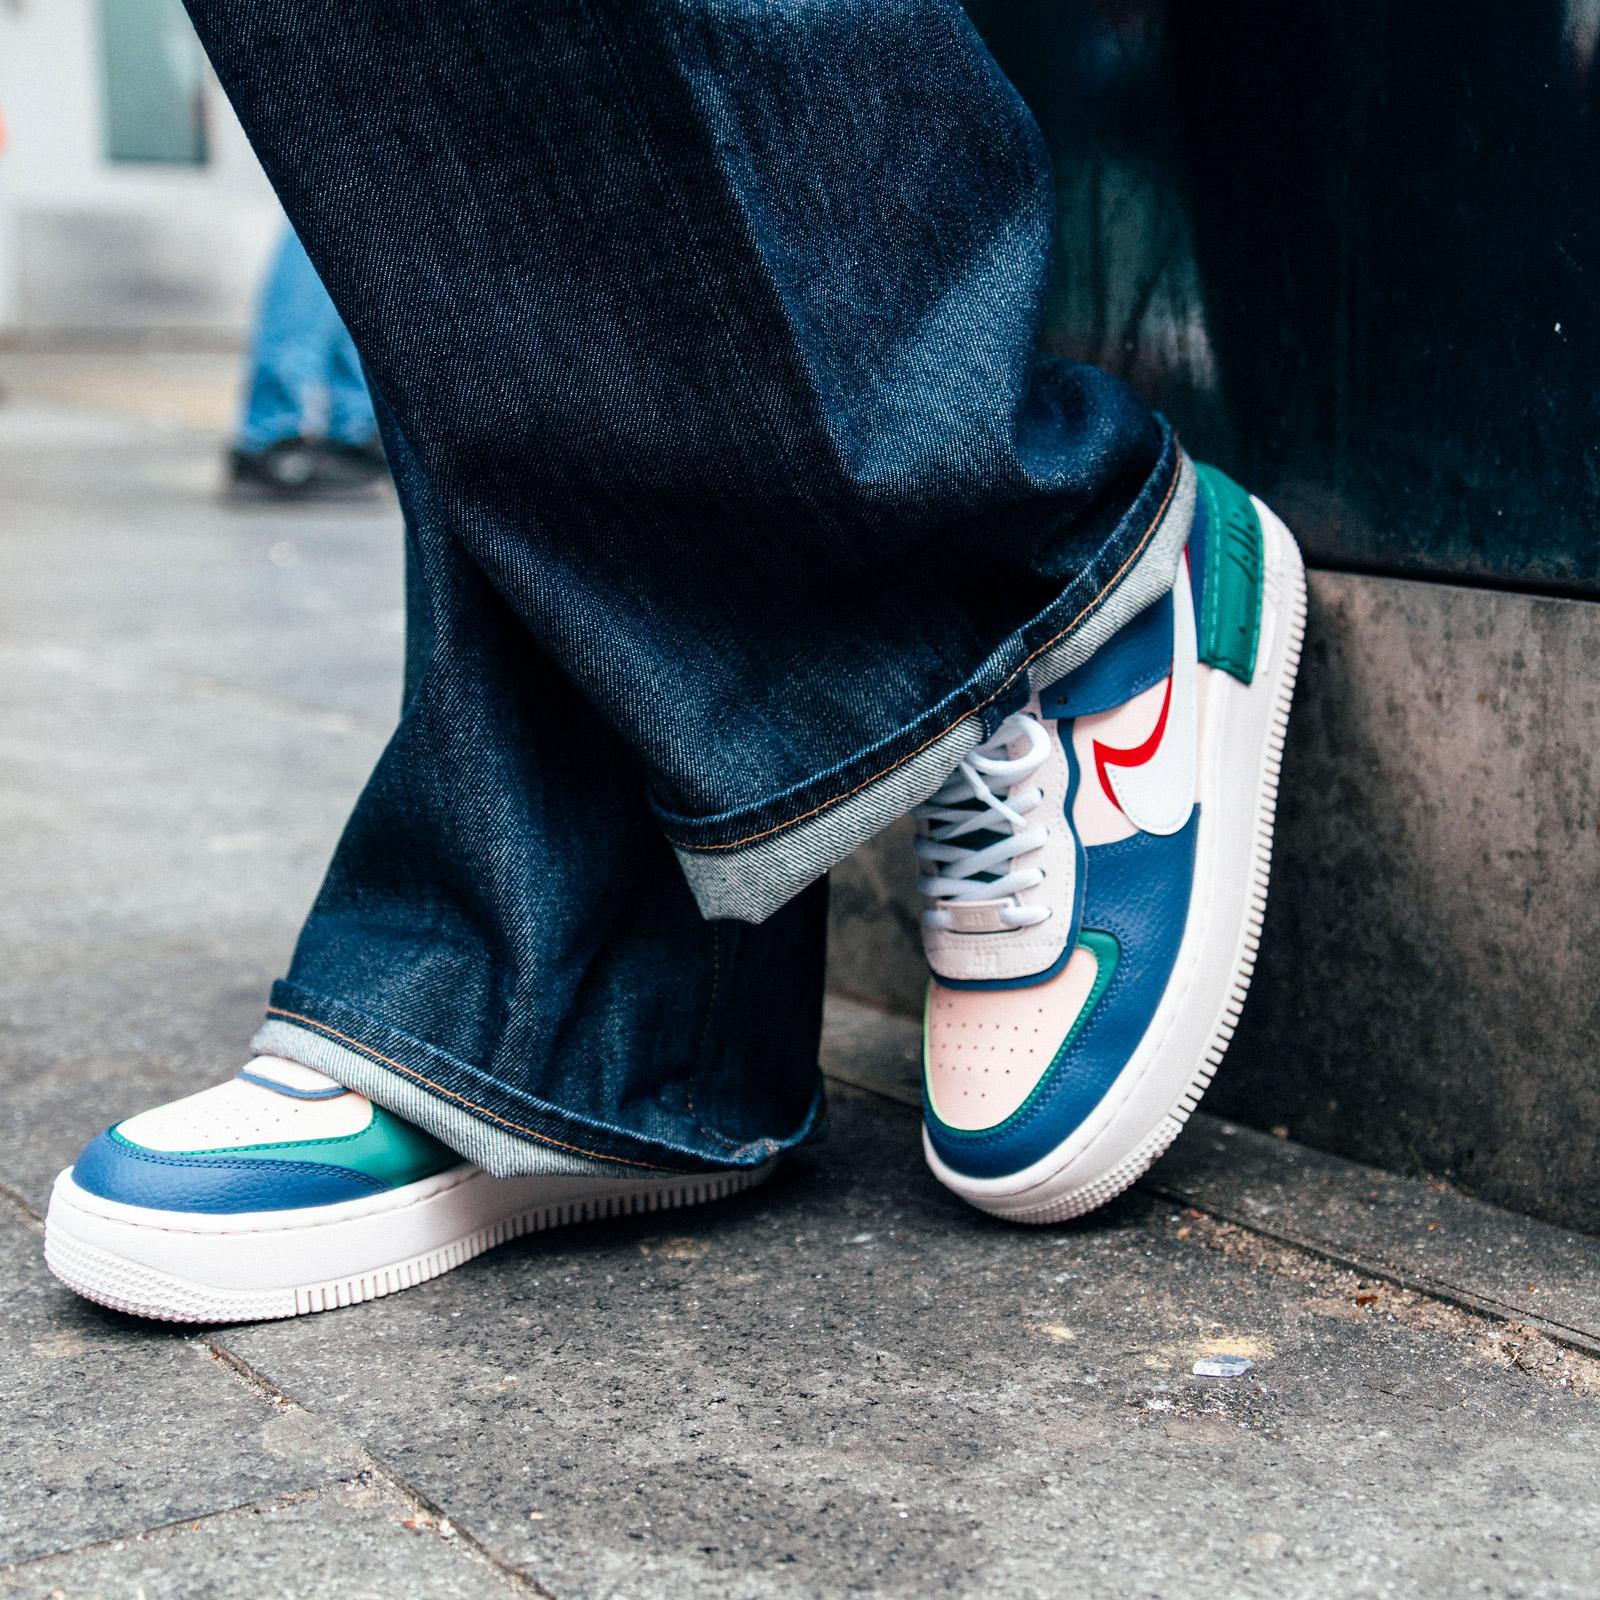 Nike Wmns Af1 Shadow Ci0919 400 Sneakersnstuff Sneakers